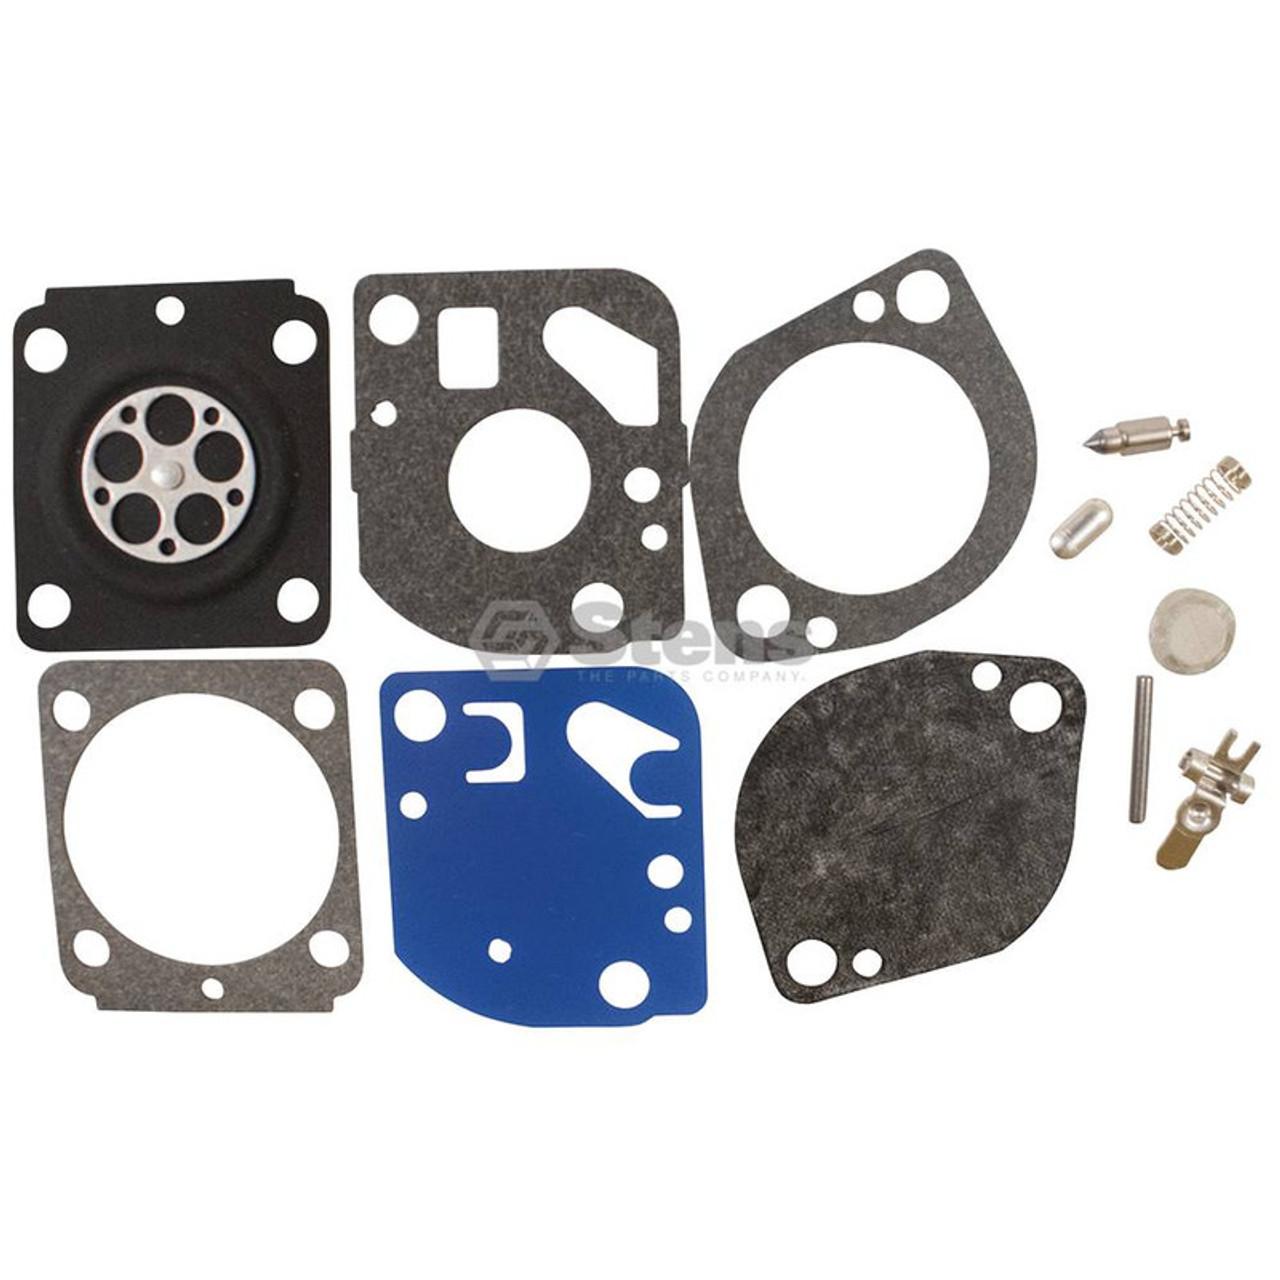 Carburetor Rebuild Kit for Zama RB134, RB160, RB165, RB97, RB-134, RB-160, RB-165, RB-97